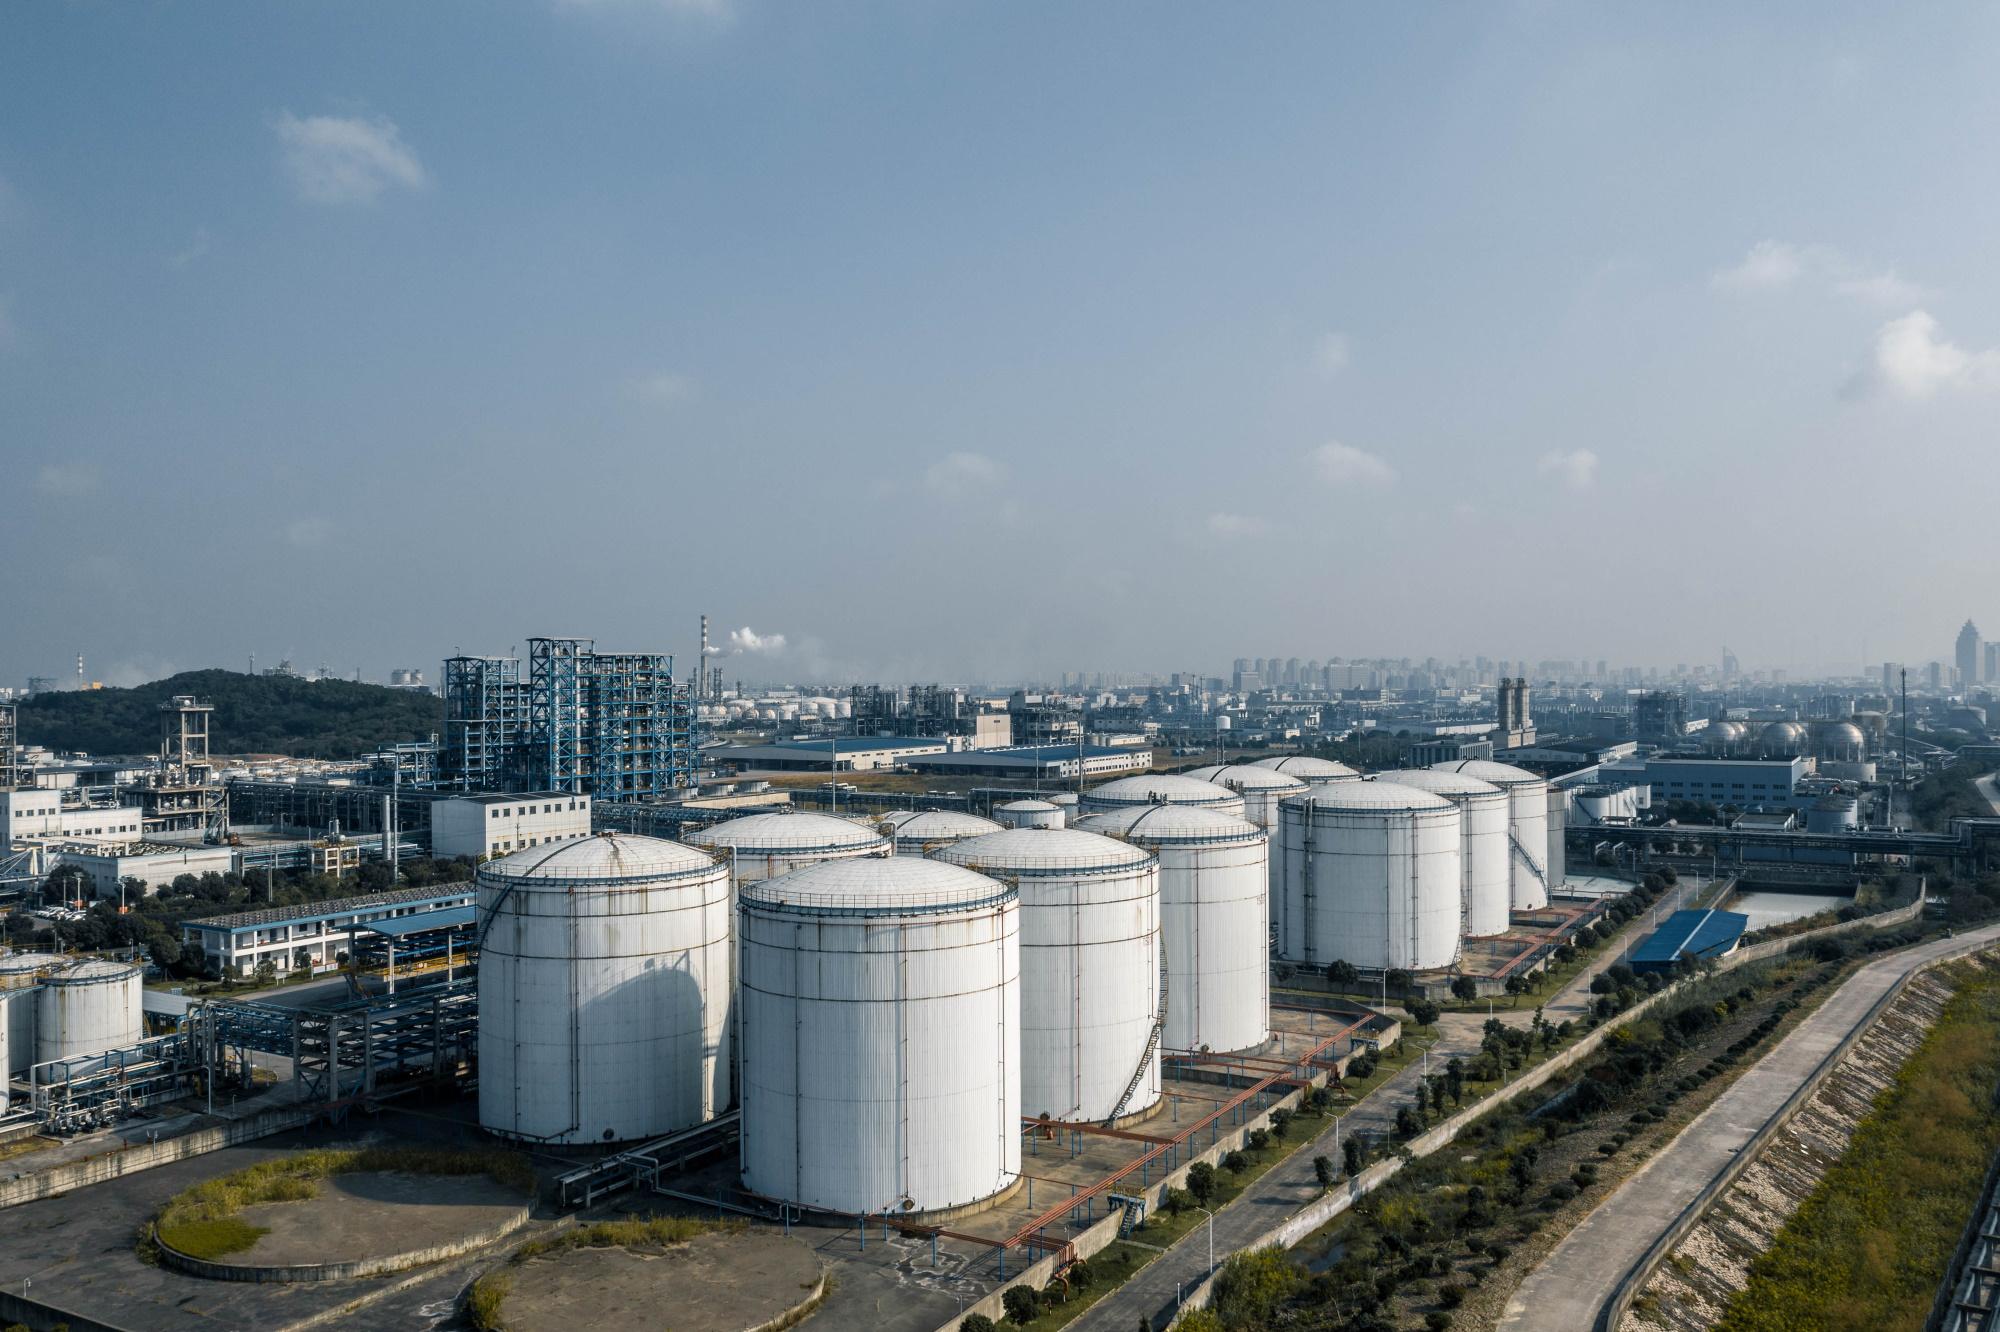 """""""Czajniki"""" kontrolują obecnie blisko 30 proc. rynku produktów ropopochodnych w Chinach, ponad trzykrotnie więcej niż pięć lat temu. Fot. Shutterstock"""